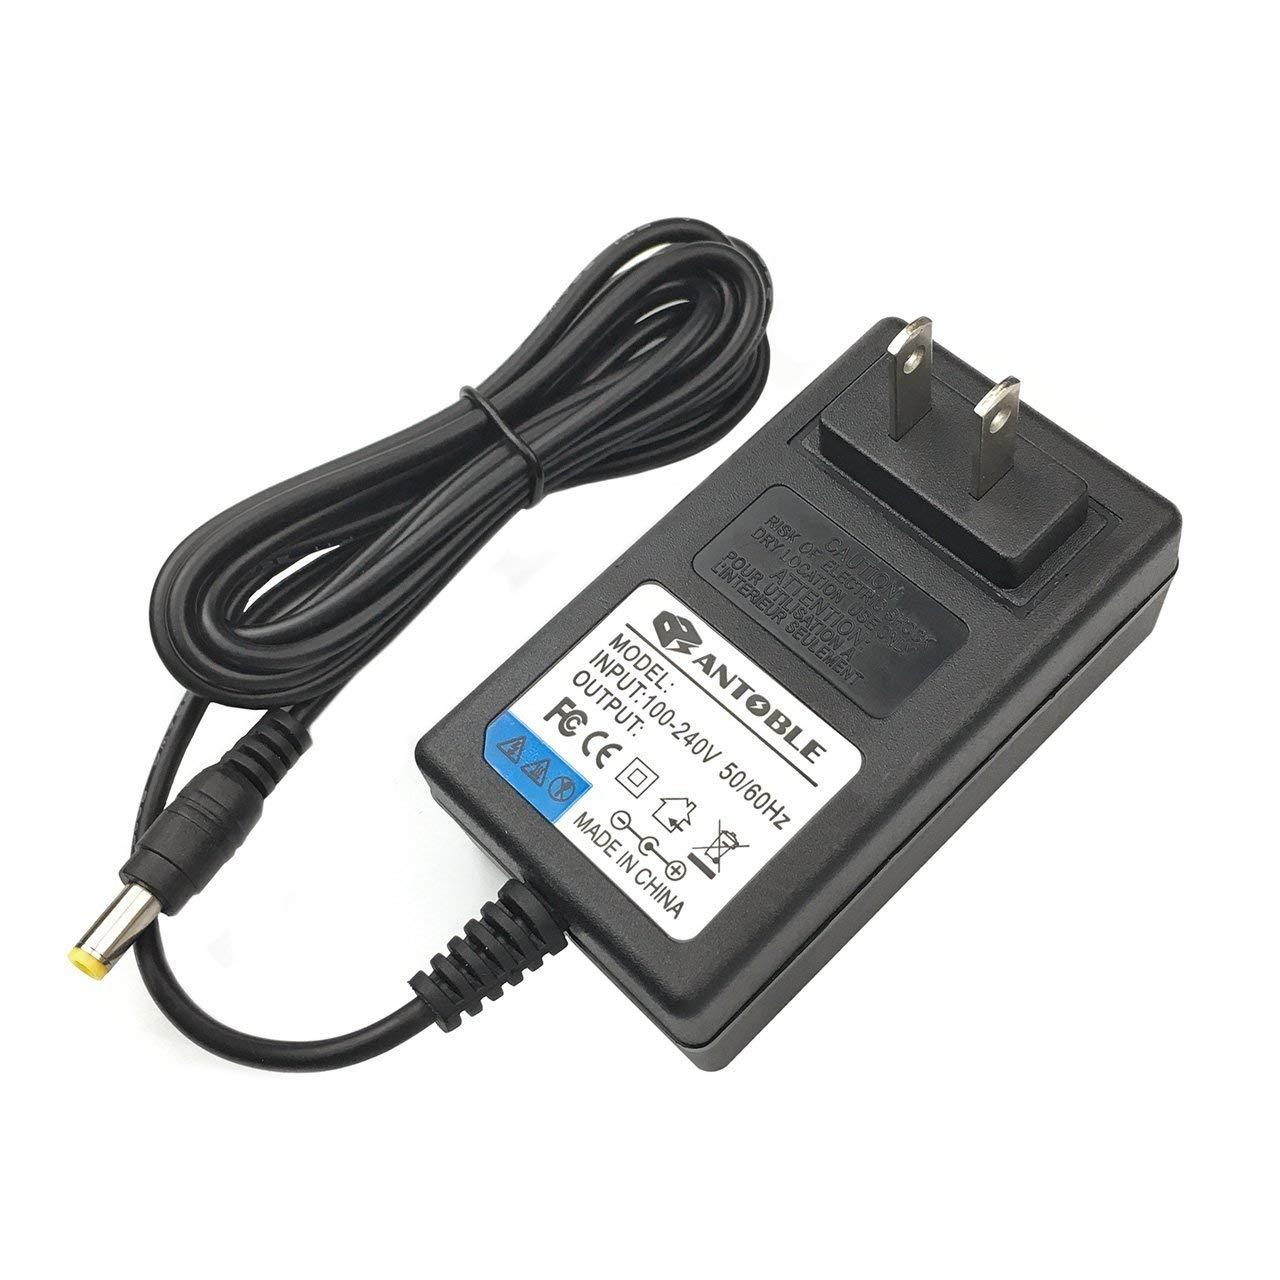 Cheap Wrt54g Router Firmware, find Wrt54g Router Firmware